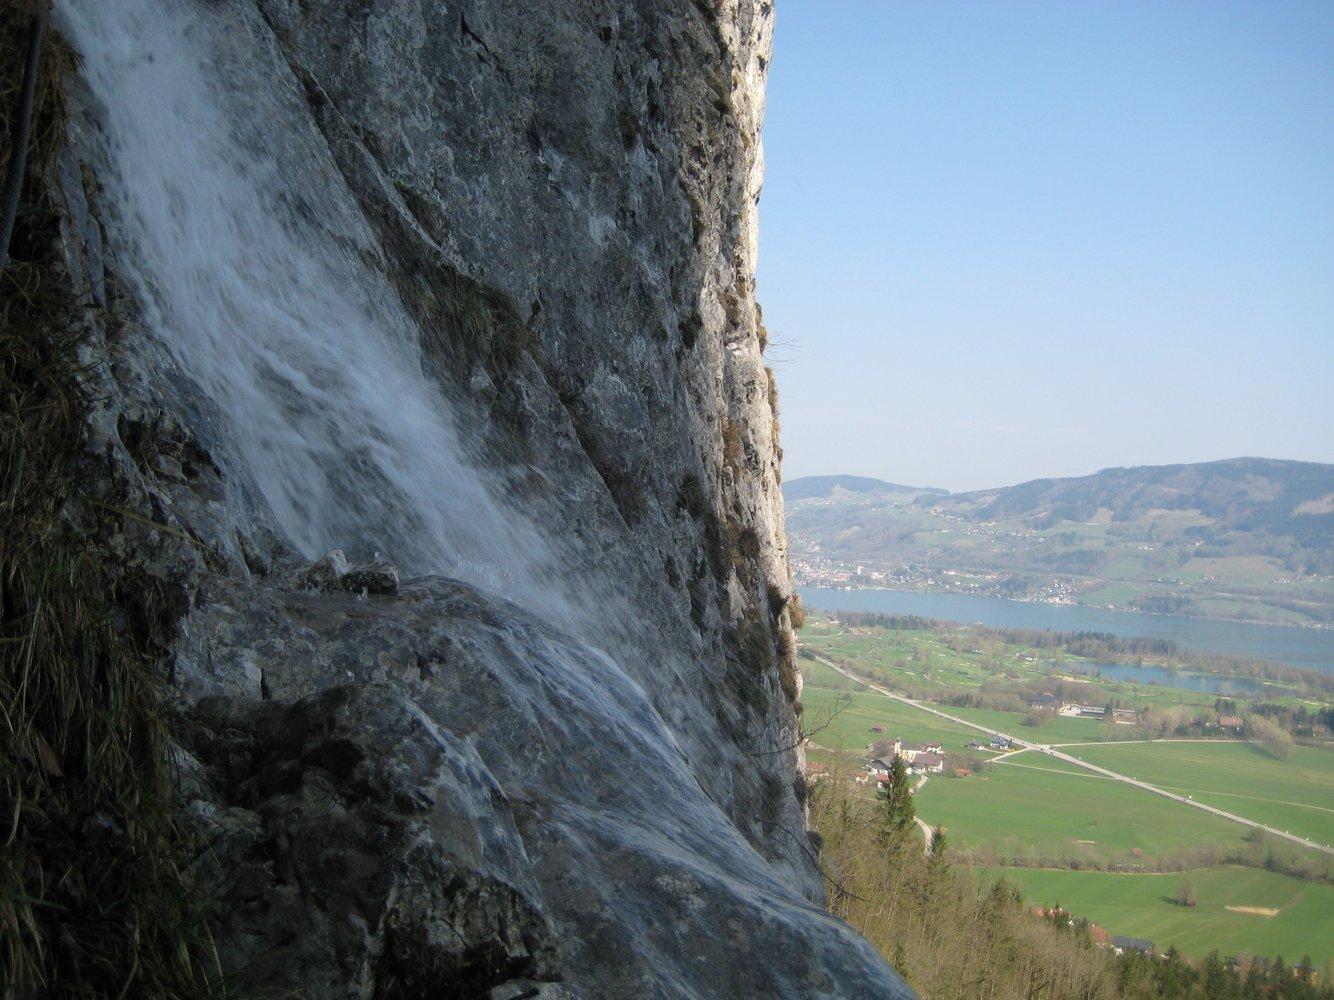 Klettersteig Drachenwand : Drachenwand klettersteig bergsteigen